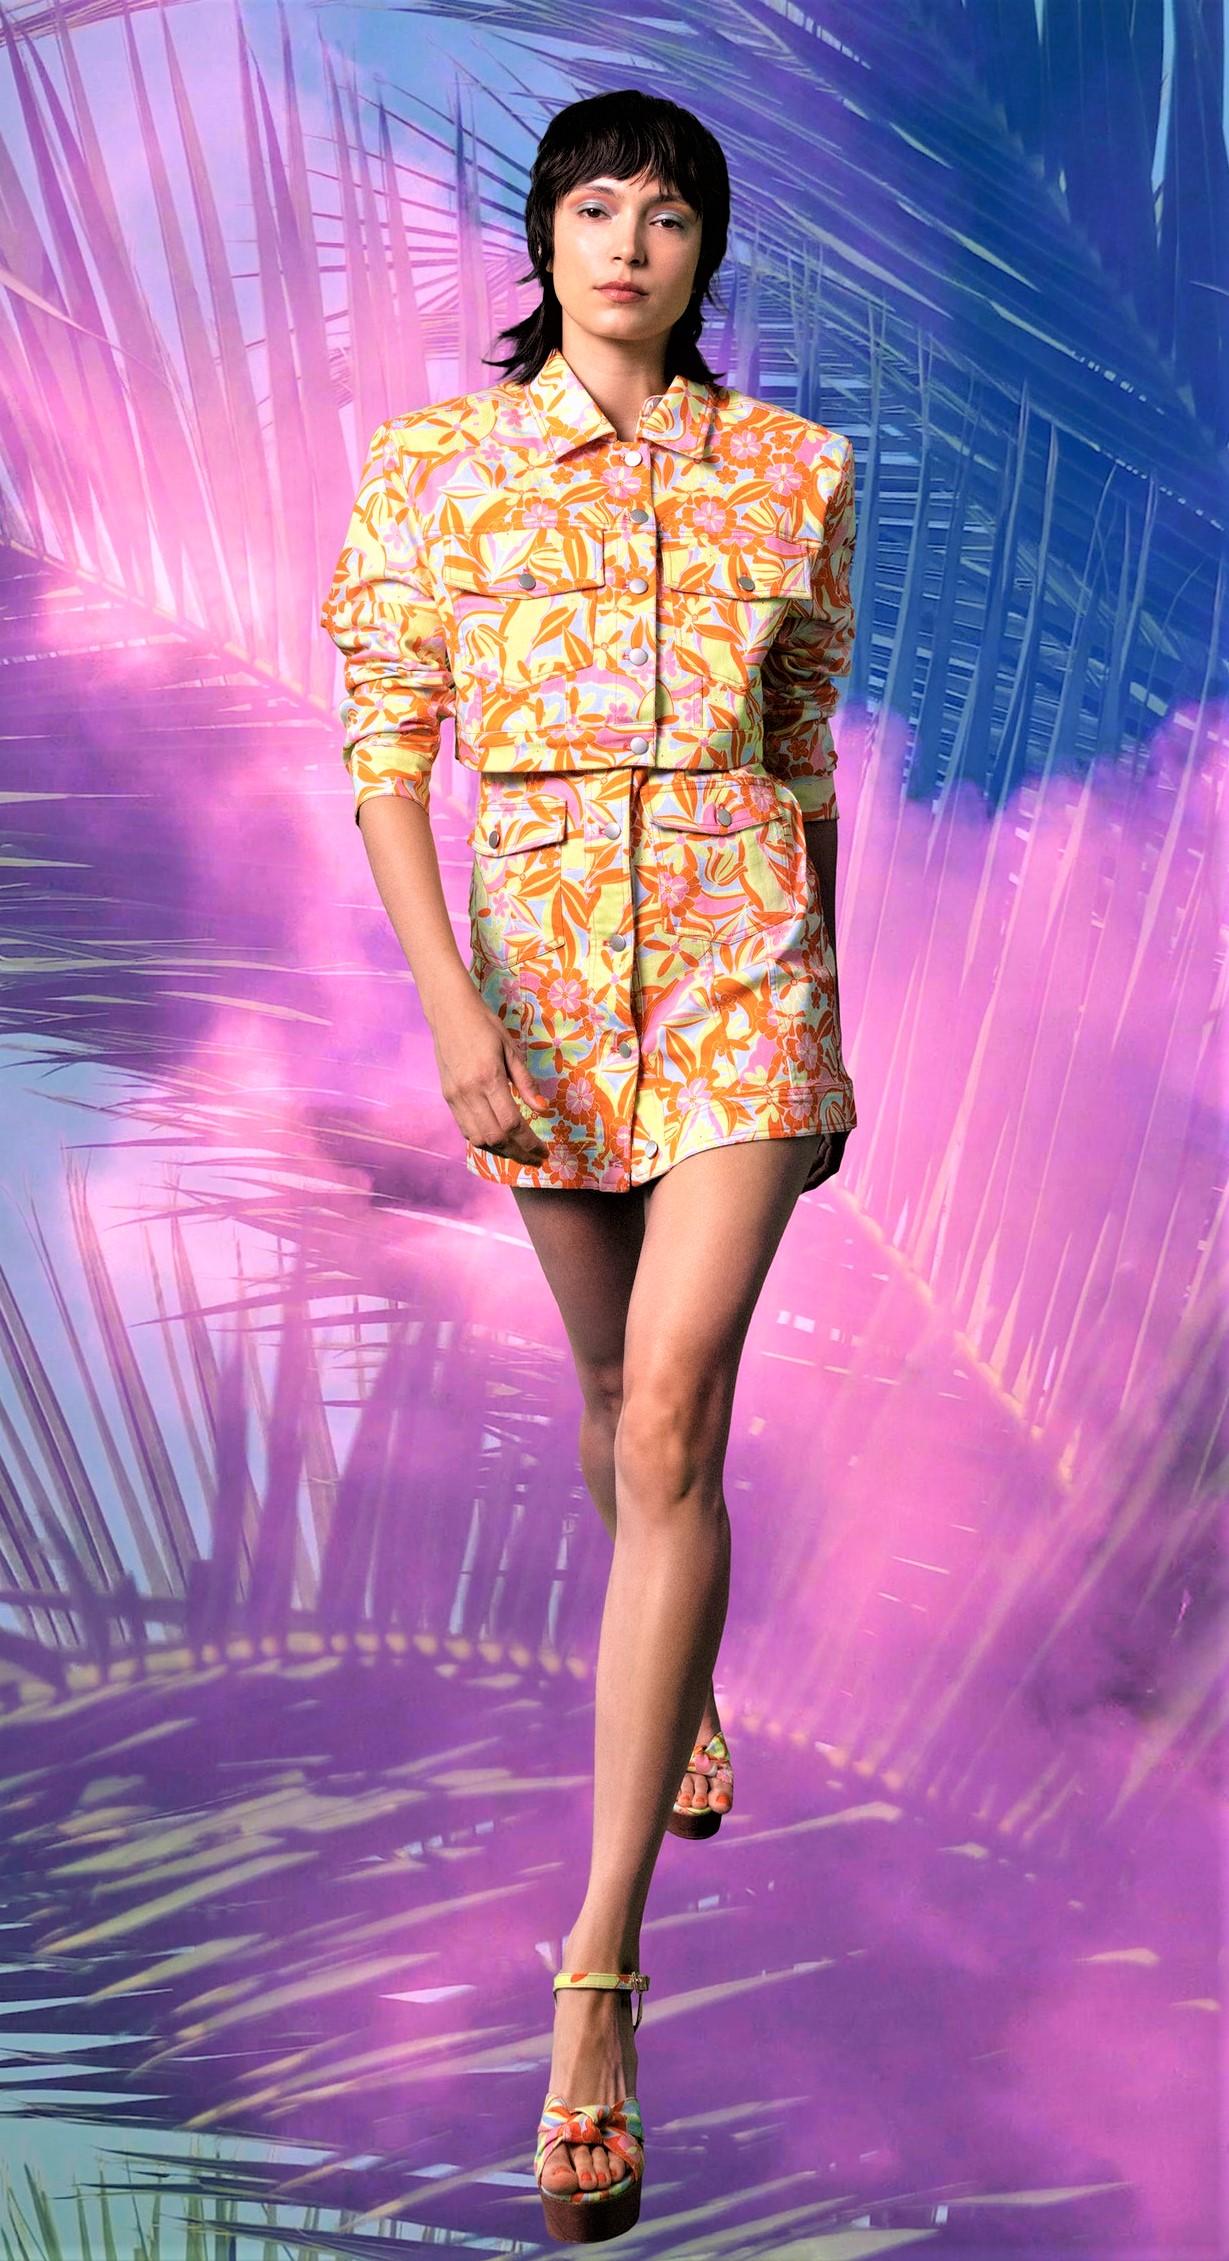 NYFW 9-21 Nicole MIller crop jkt skirt cropped.jpg